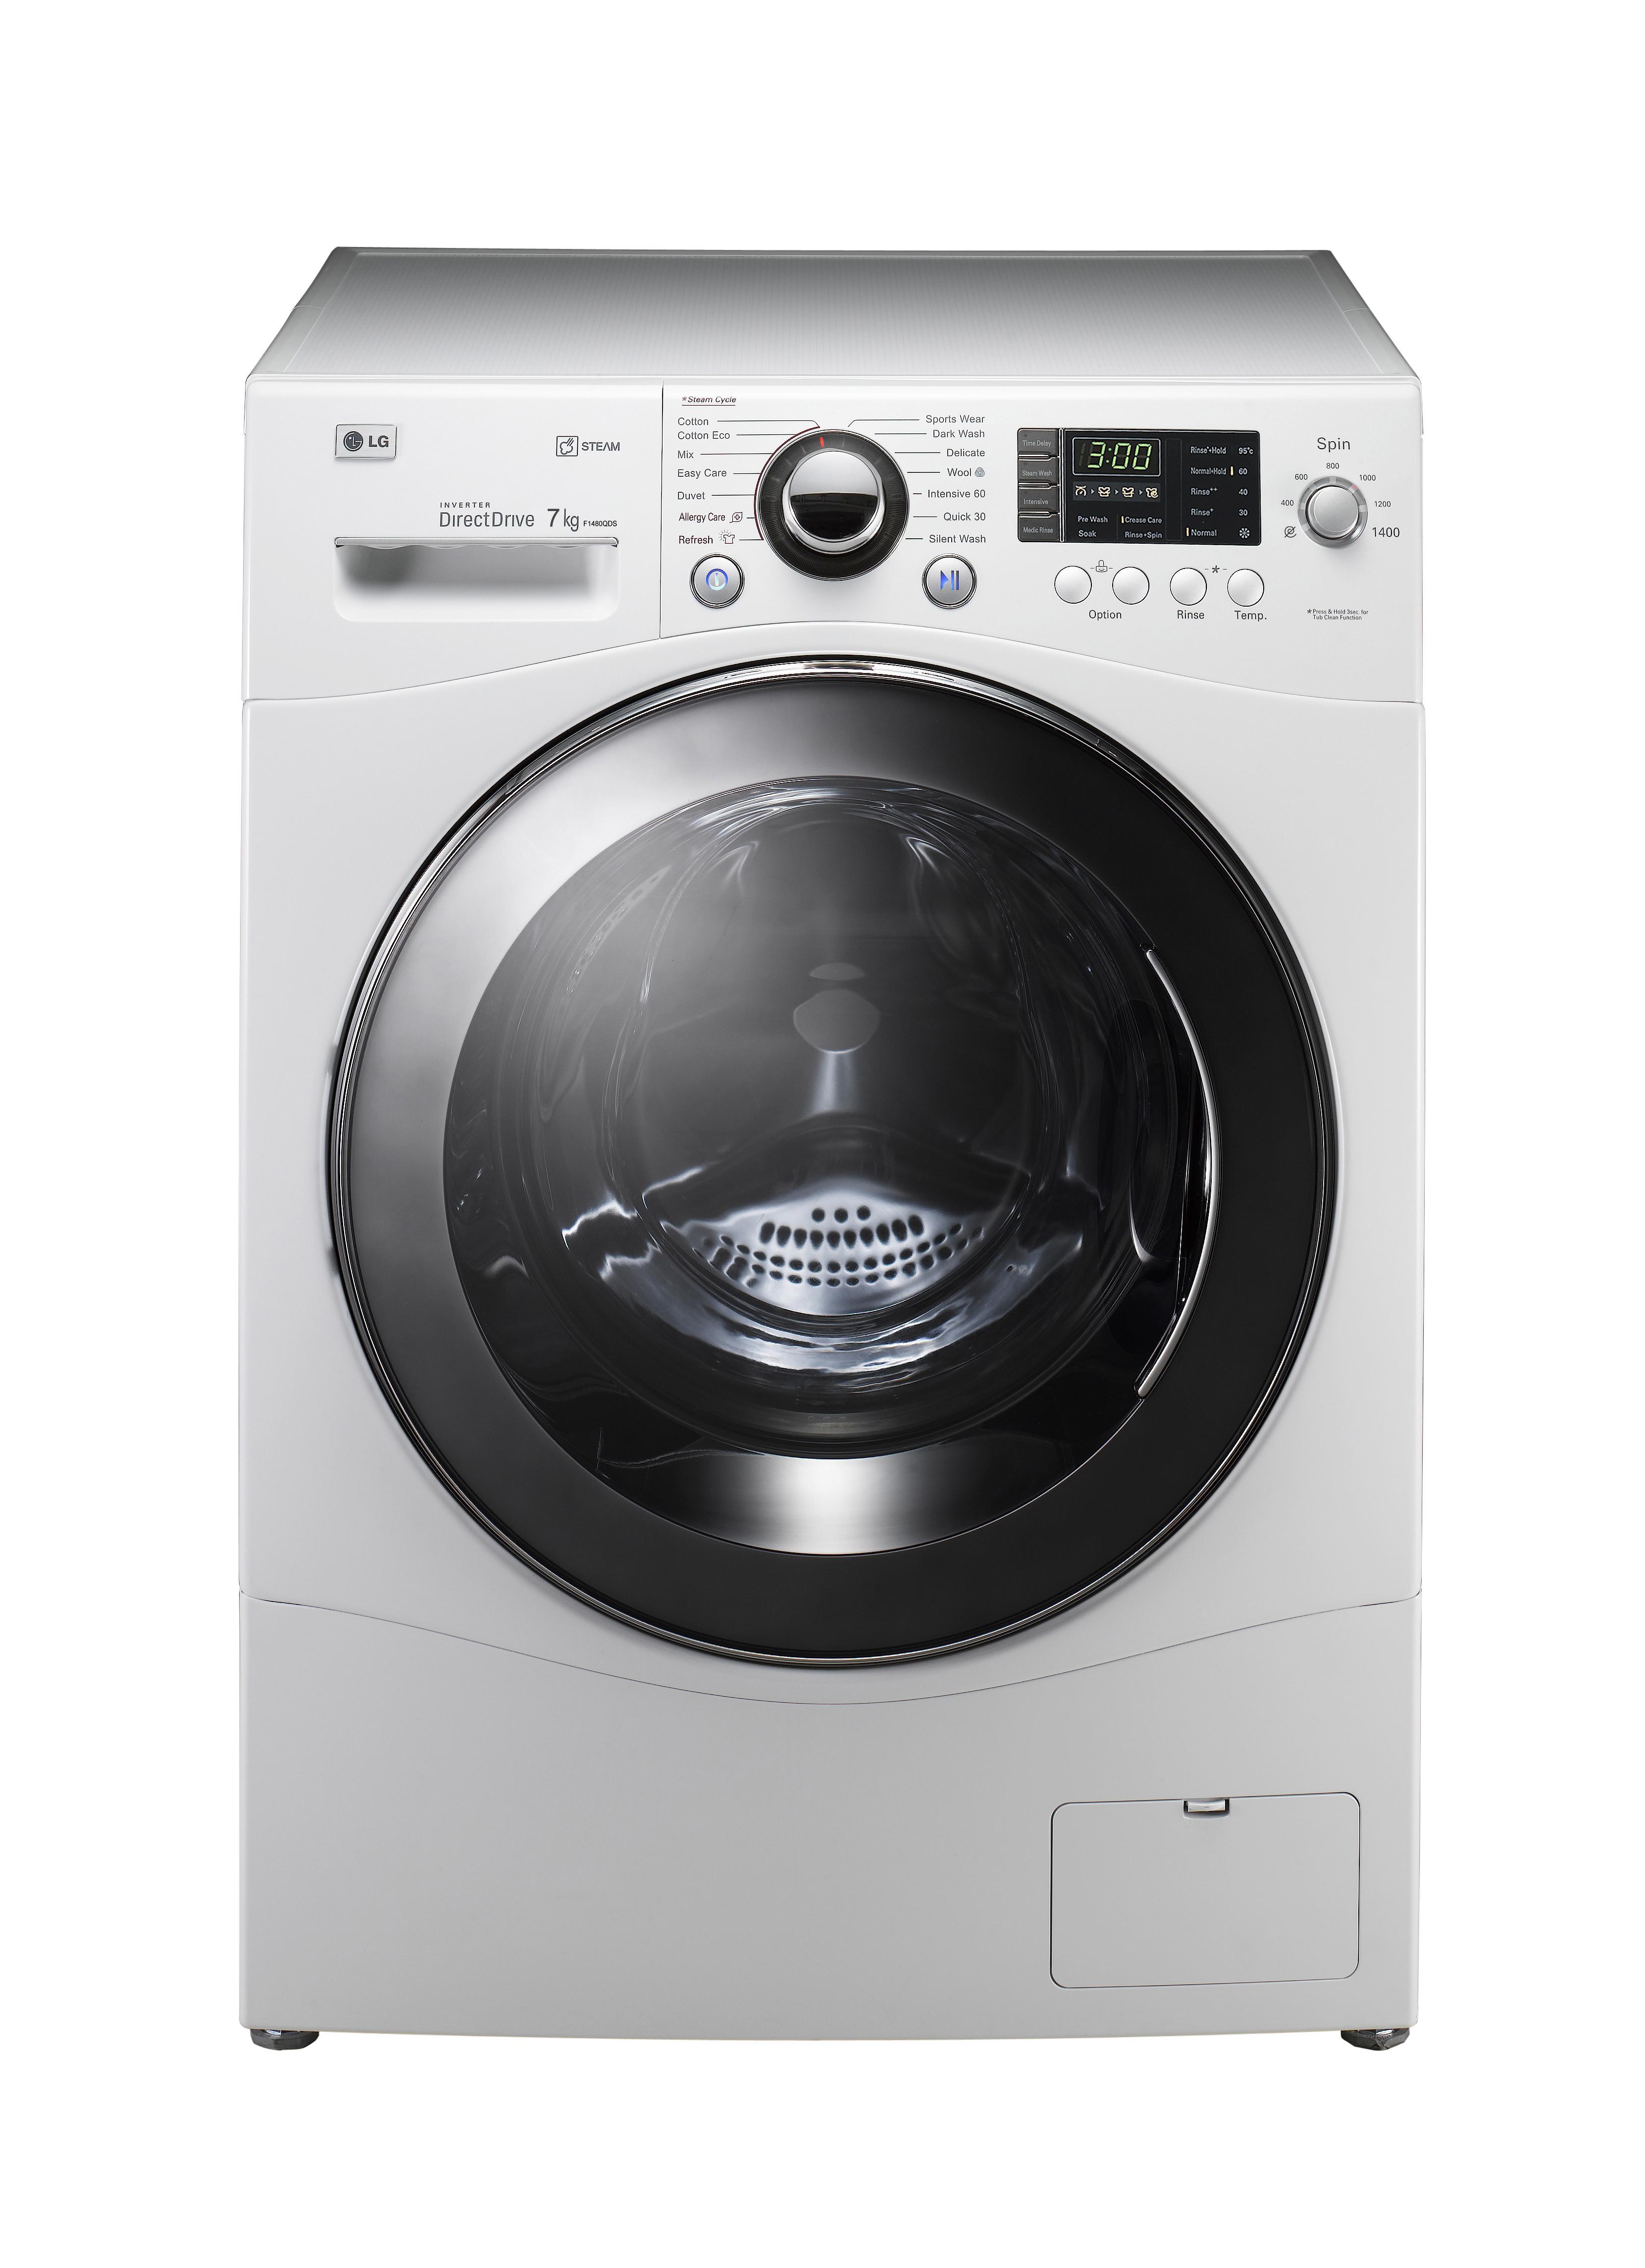 lg waschmaschinen mit direct drive motor auf der ifa 2010. Black Bedroom Furniture Sets. Home Design Ideas